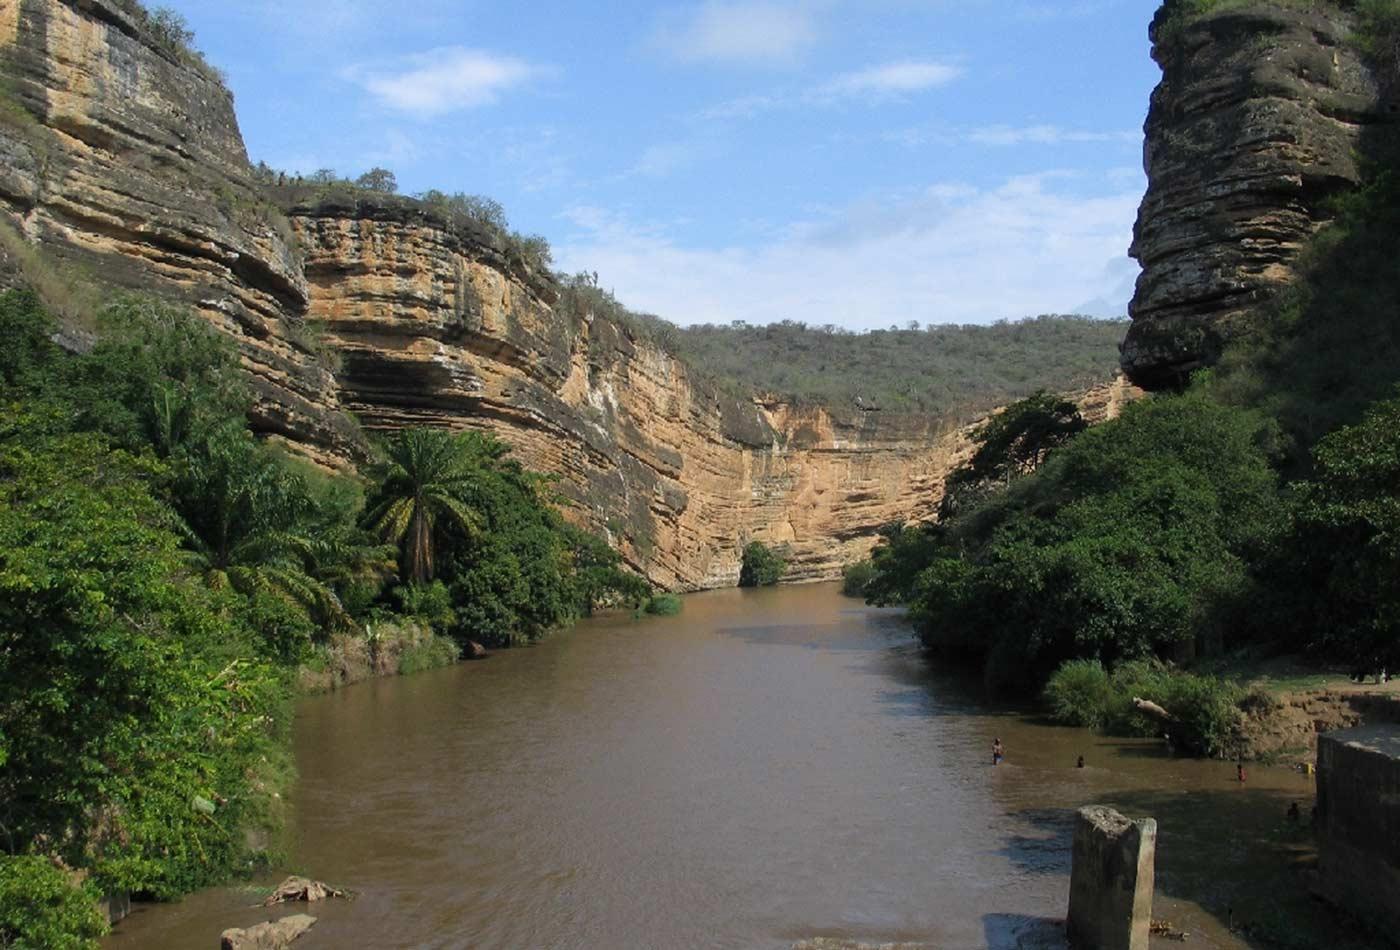 Garganta do rio Cubal